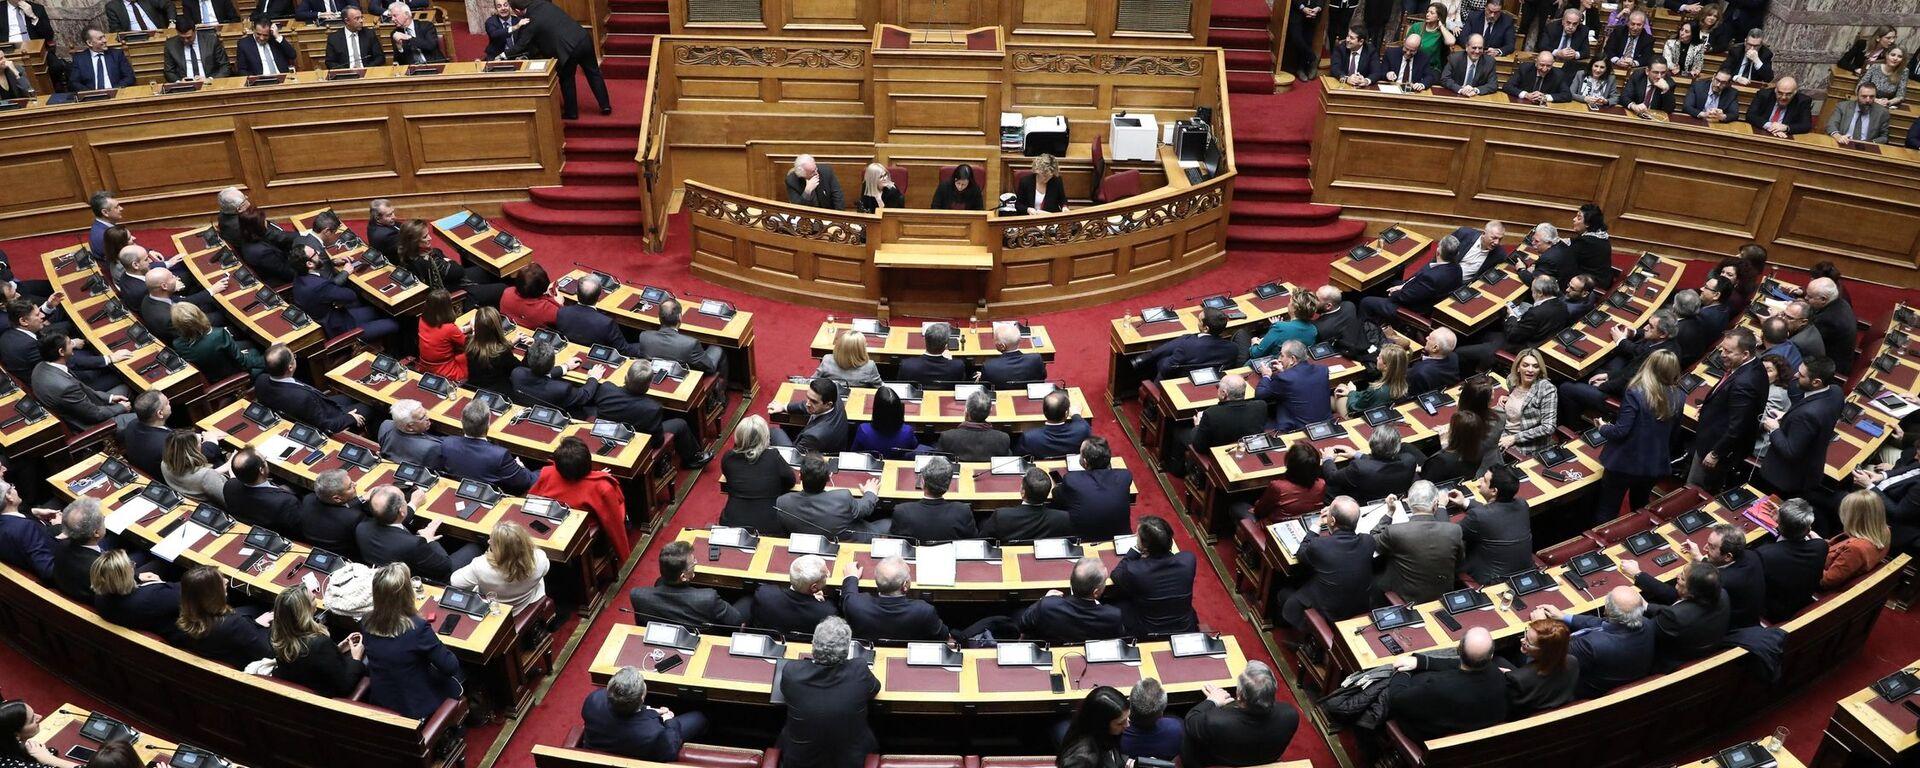 Ψηφοφορία για την εκλογή της Αικατερίνης Σακελλαροπούλου στη θέση Προέδρου της Δημοκρατίας - Sputnik Ελλάδα, 1920, 29.07.2021